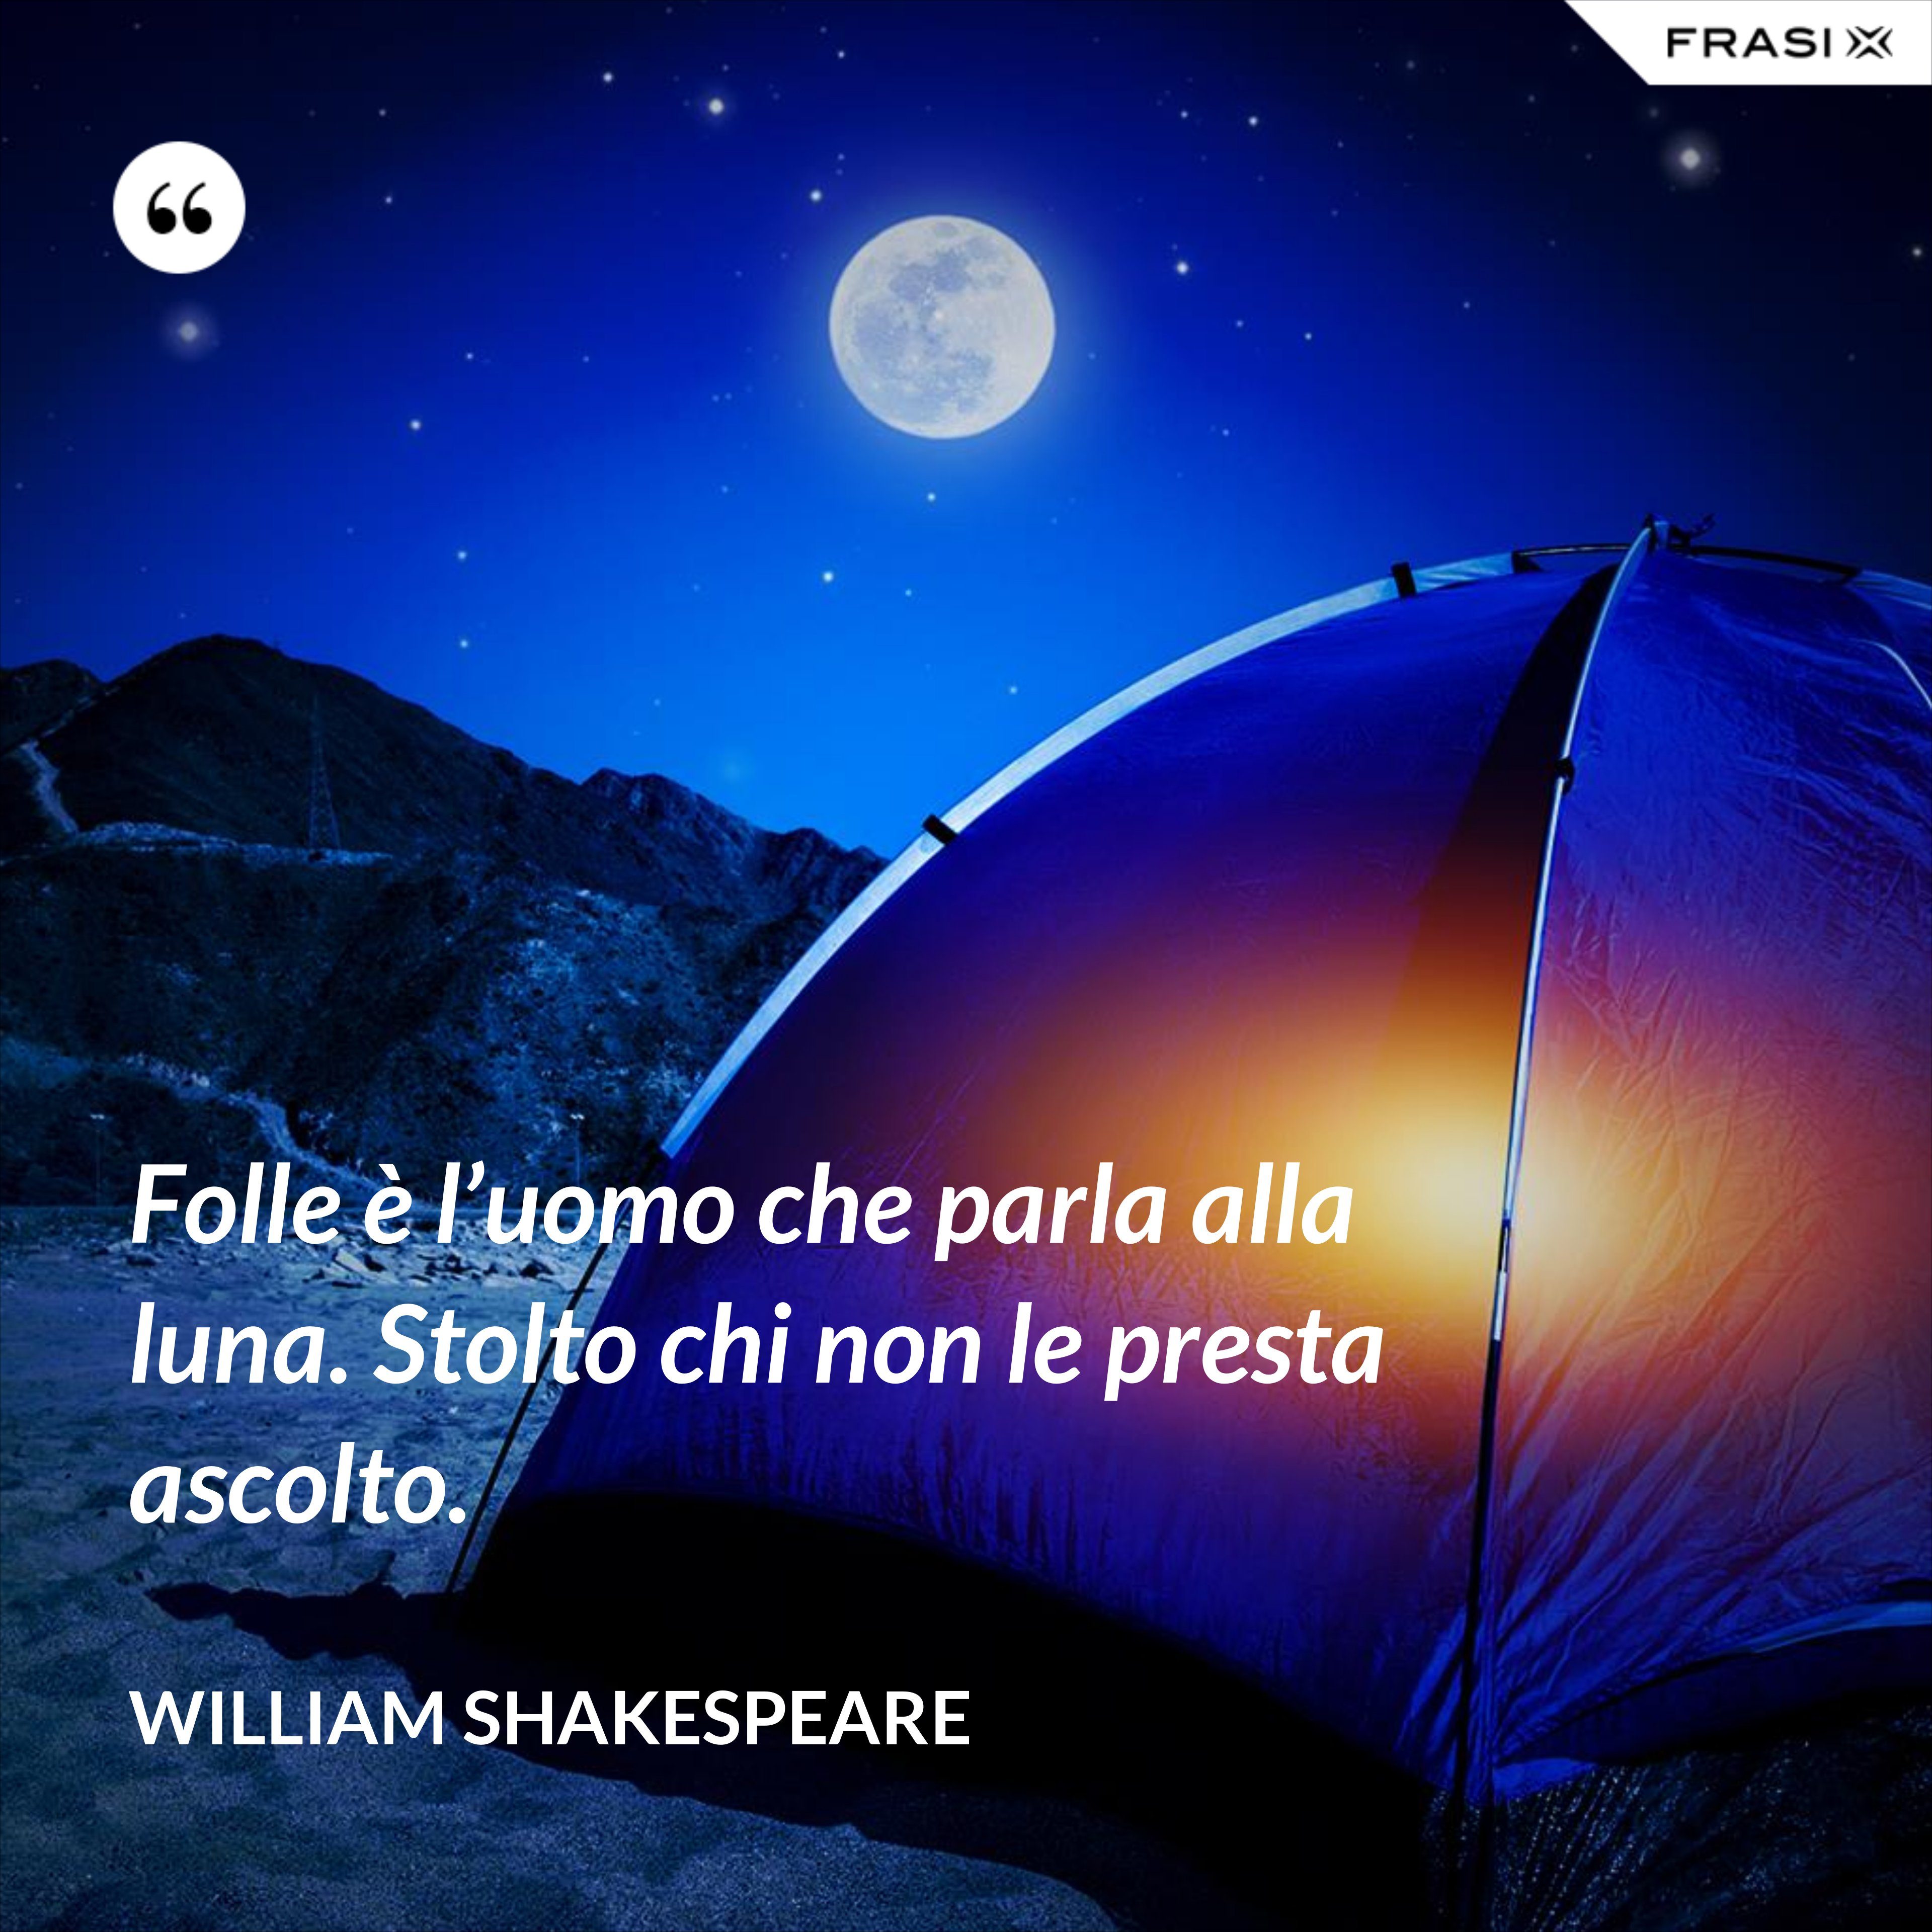 Folle è l'uomo che parla alla luna. Stolto chi non le presta ascolto. - William Shakespeare